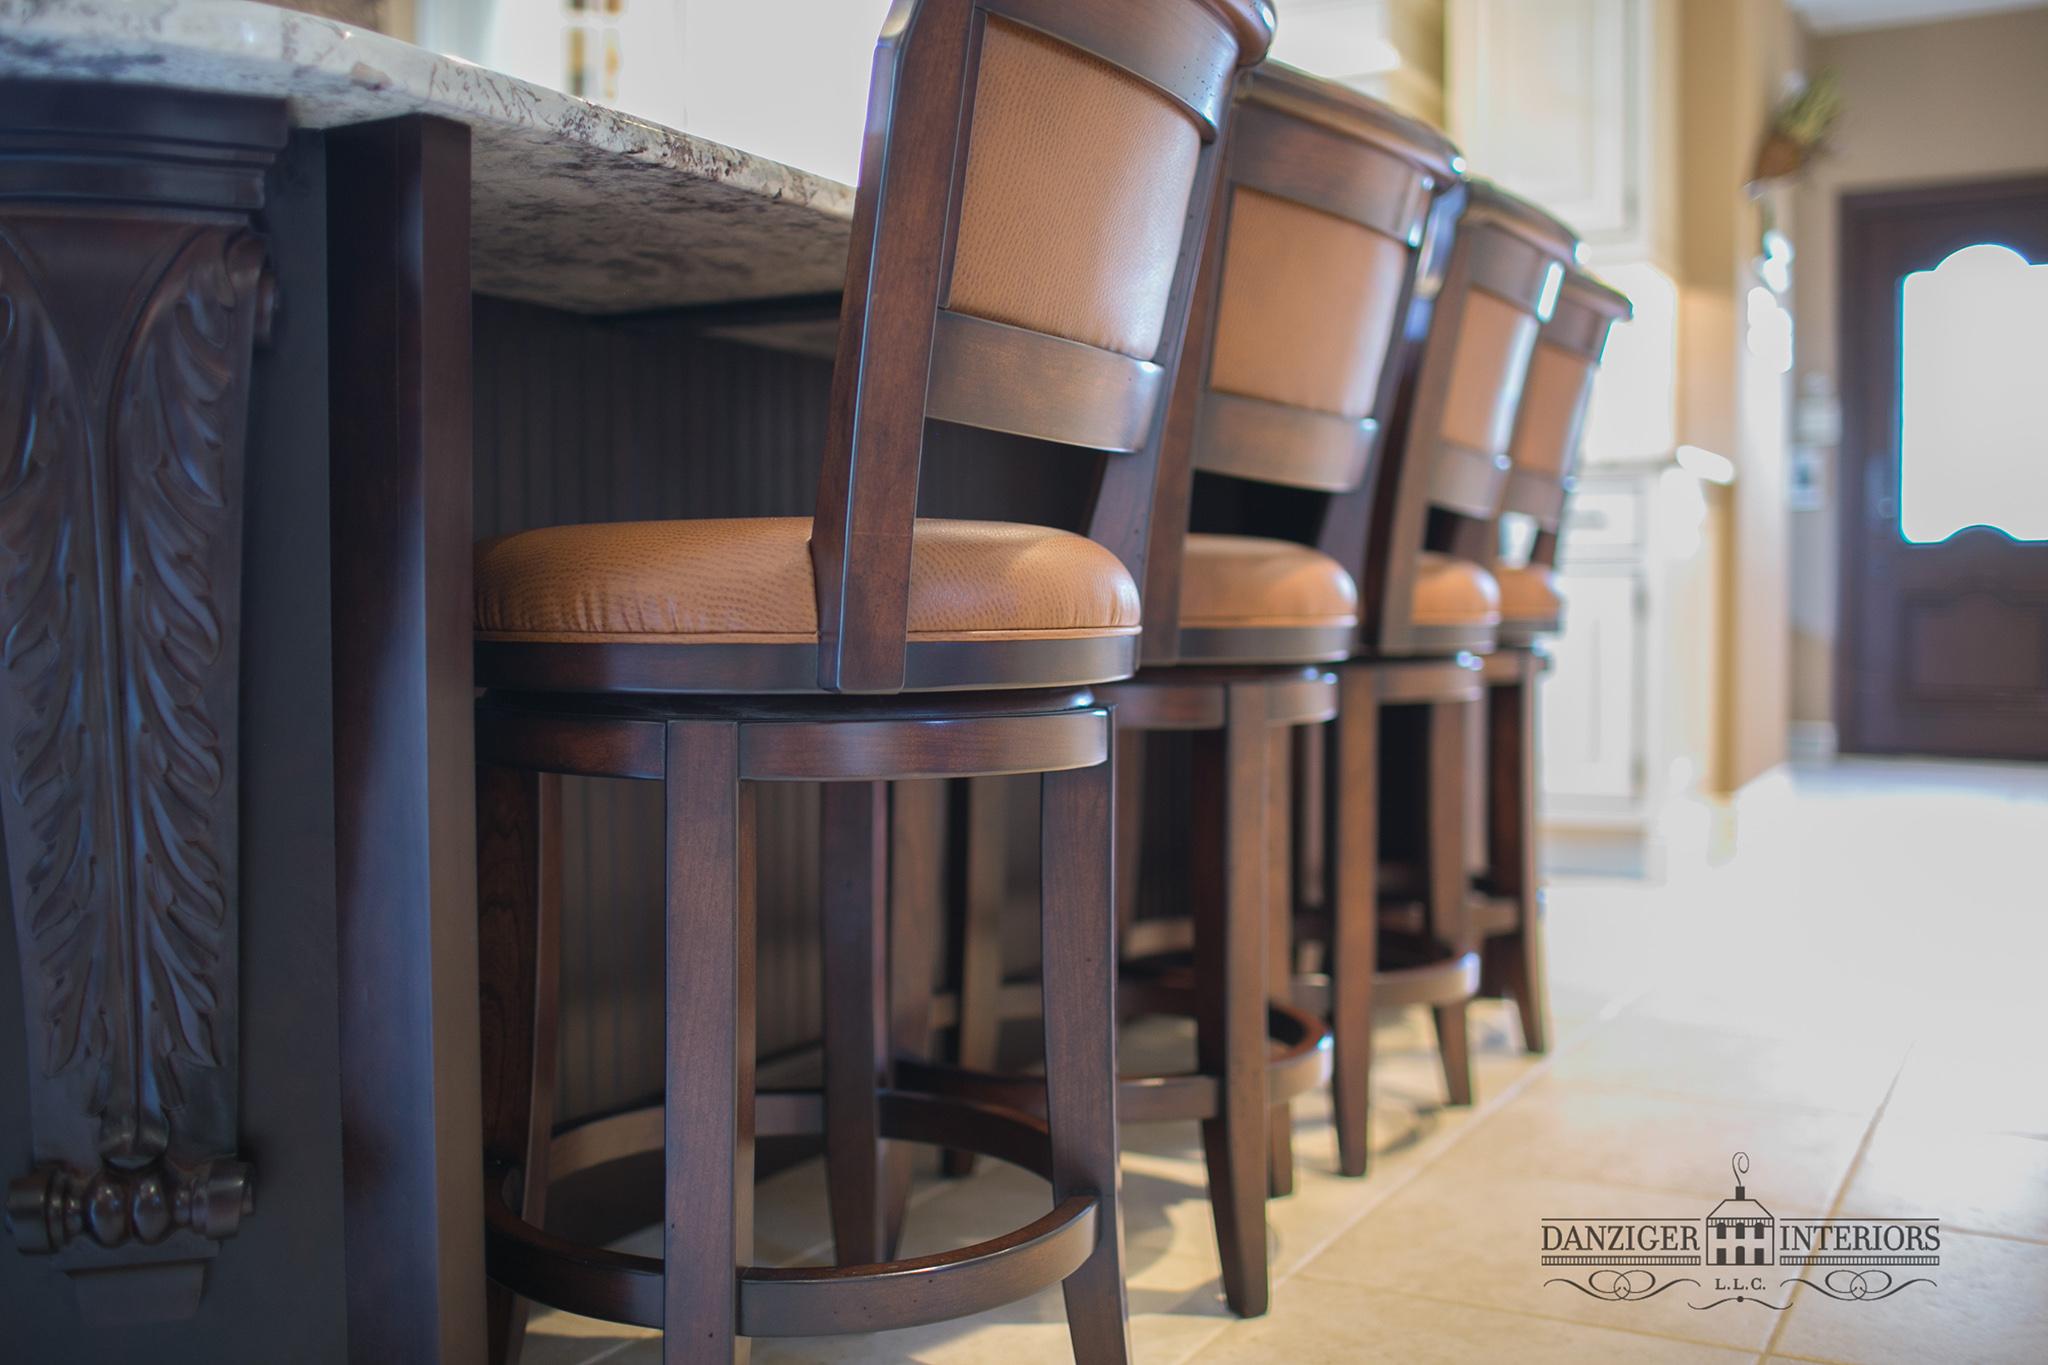 Island stools match kitchen chairs